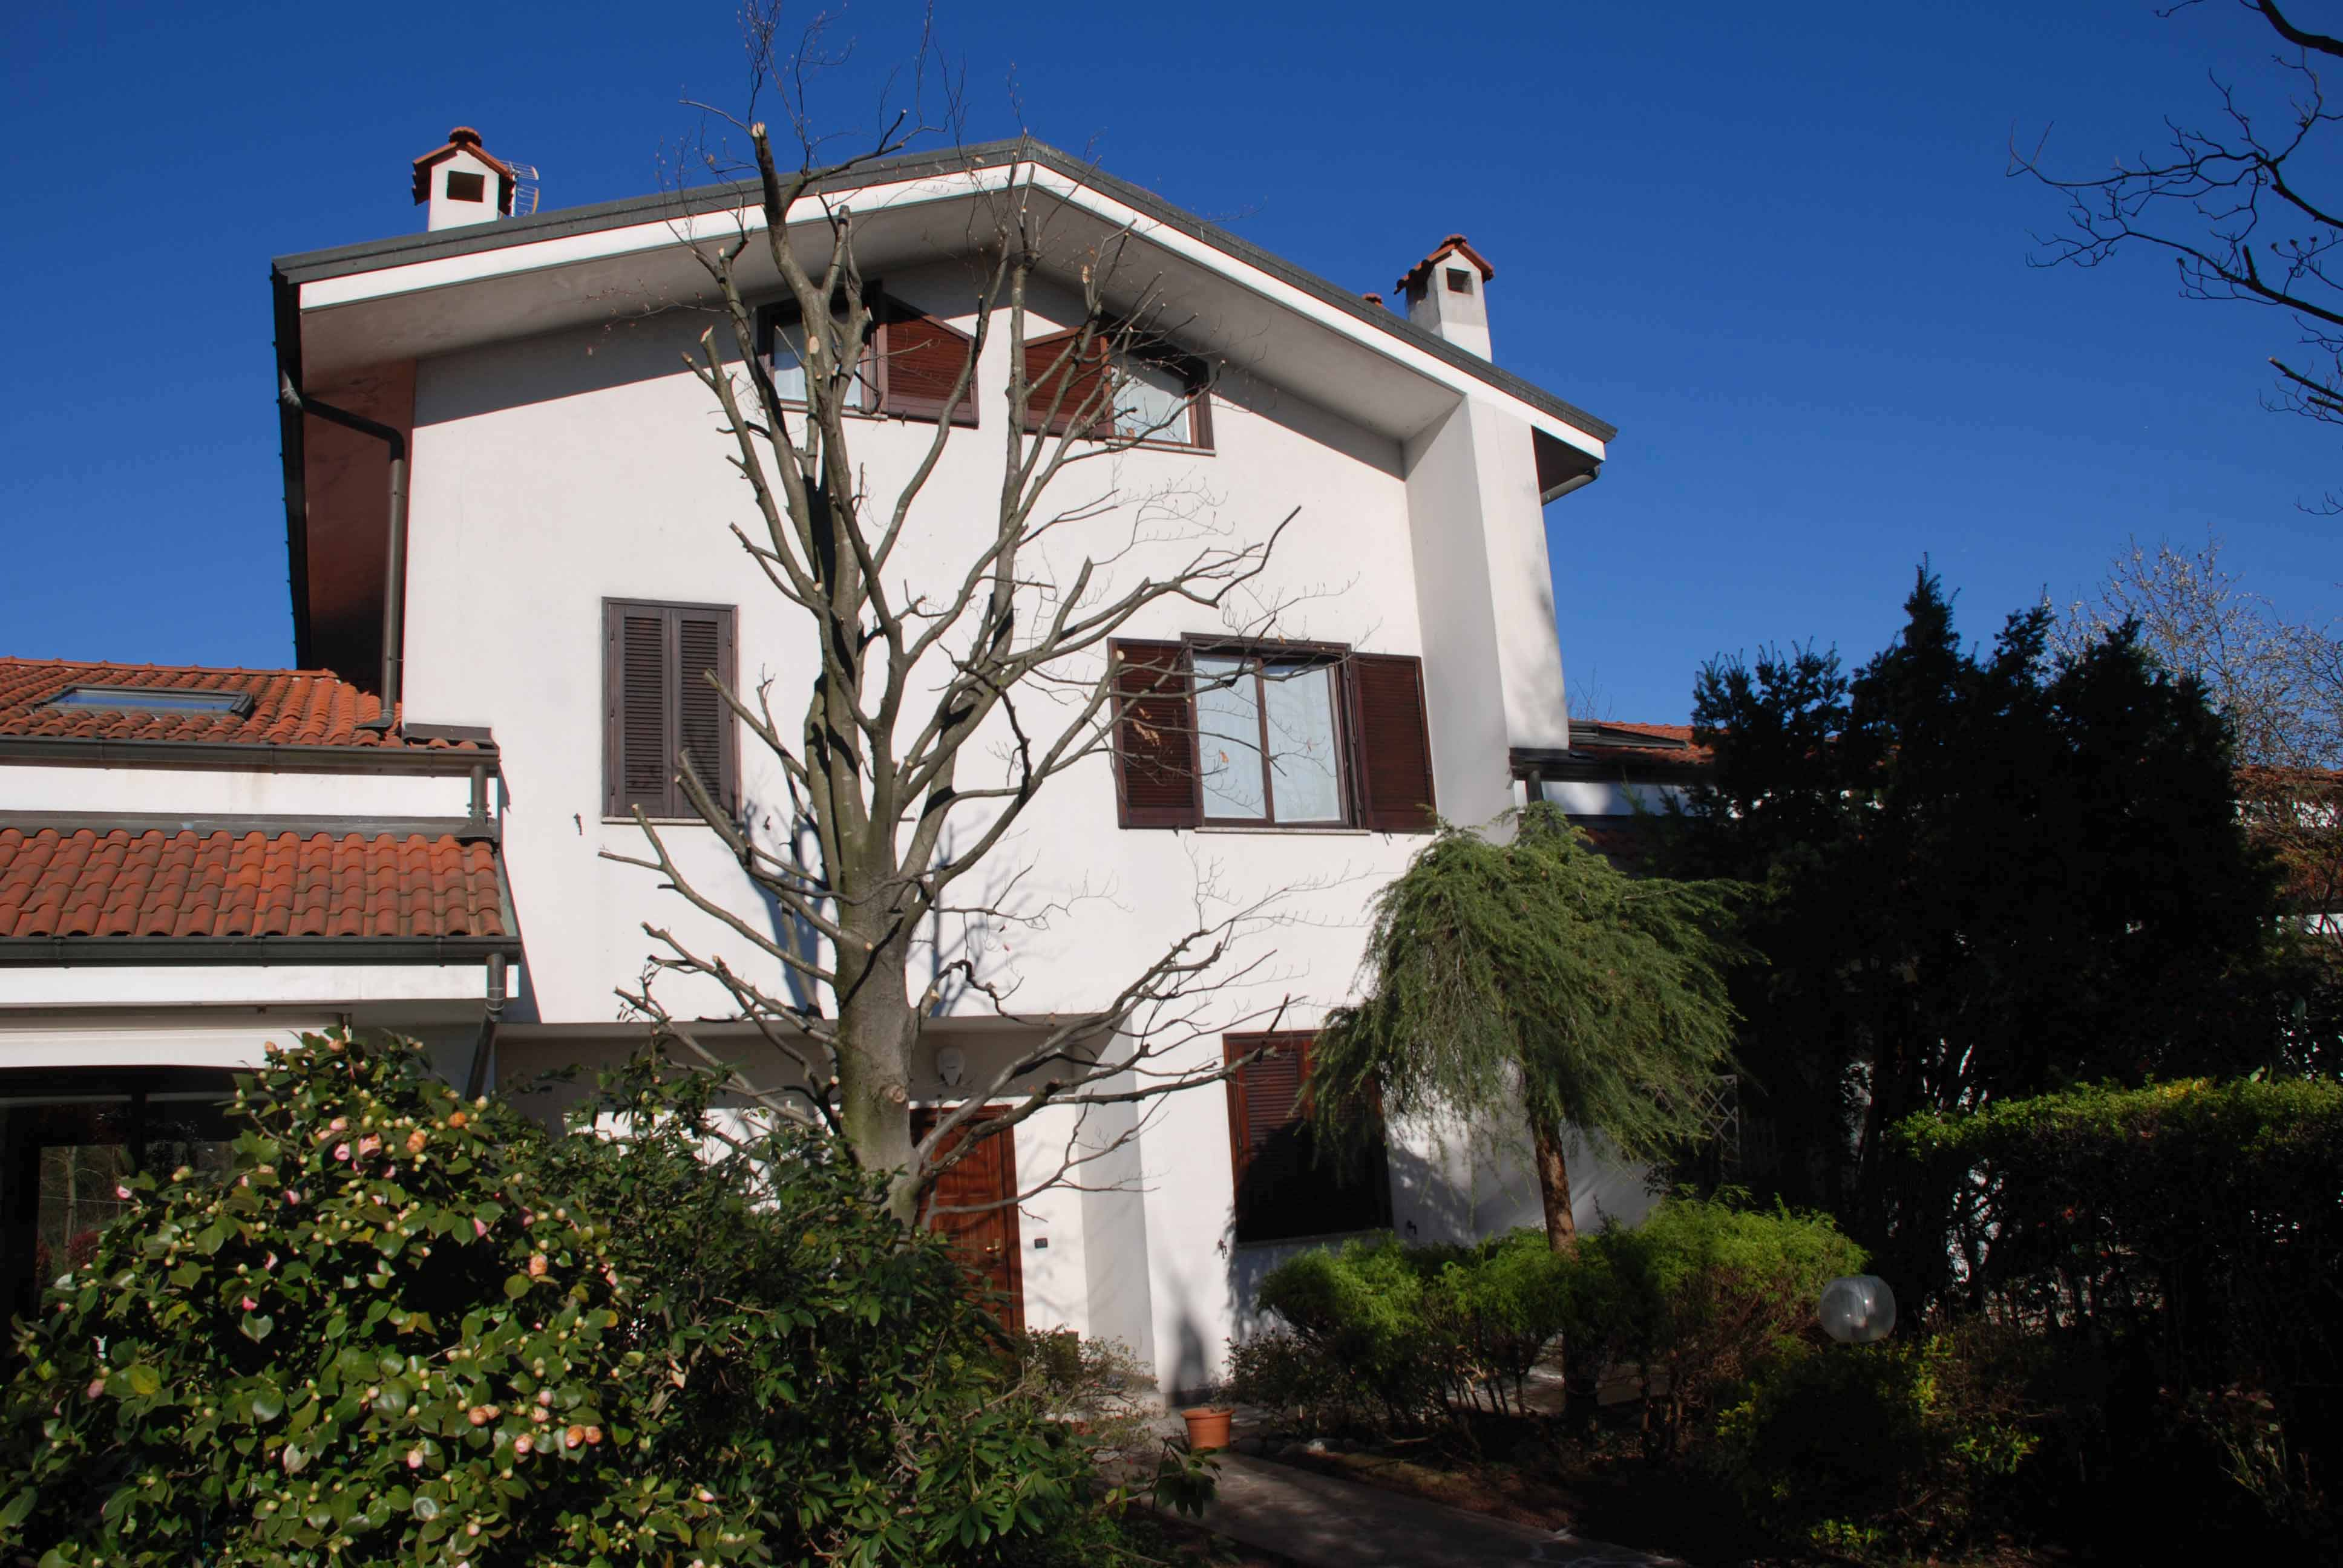 Case in affitto provincia monza brianza cerco casa in for Cerco casa in affitto